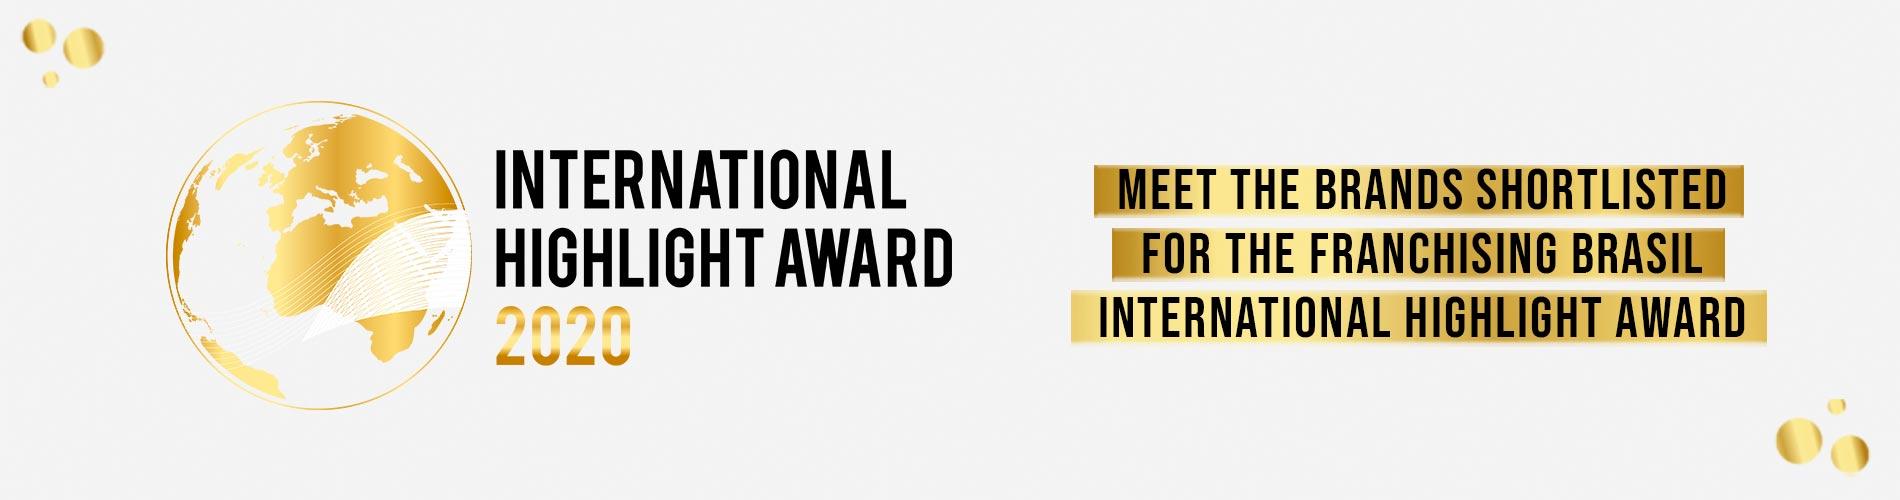 premio-destaque-de-internacionalizacao-2020-ingl